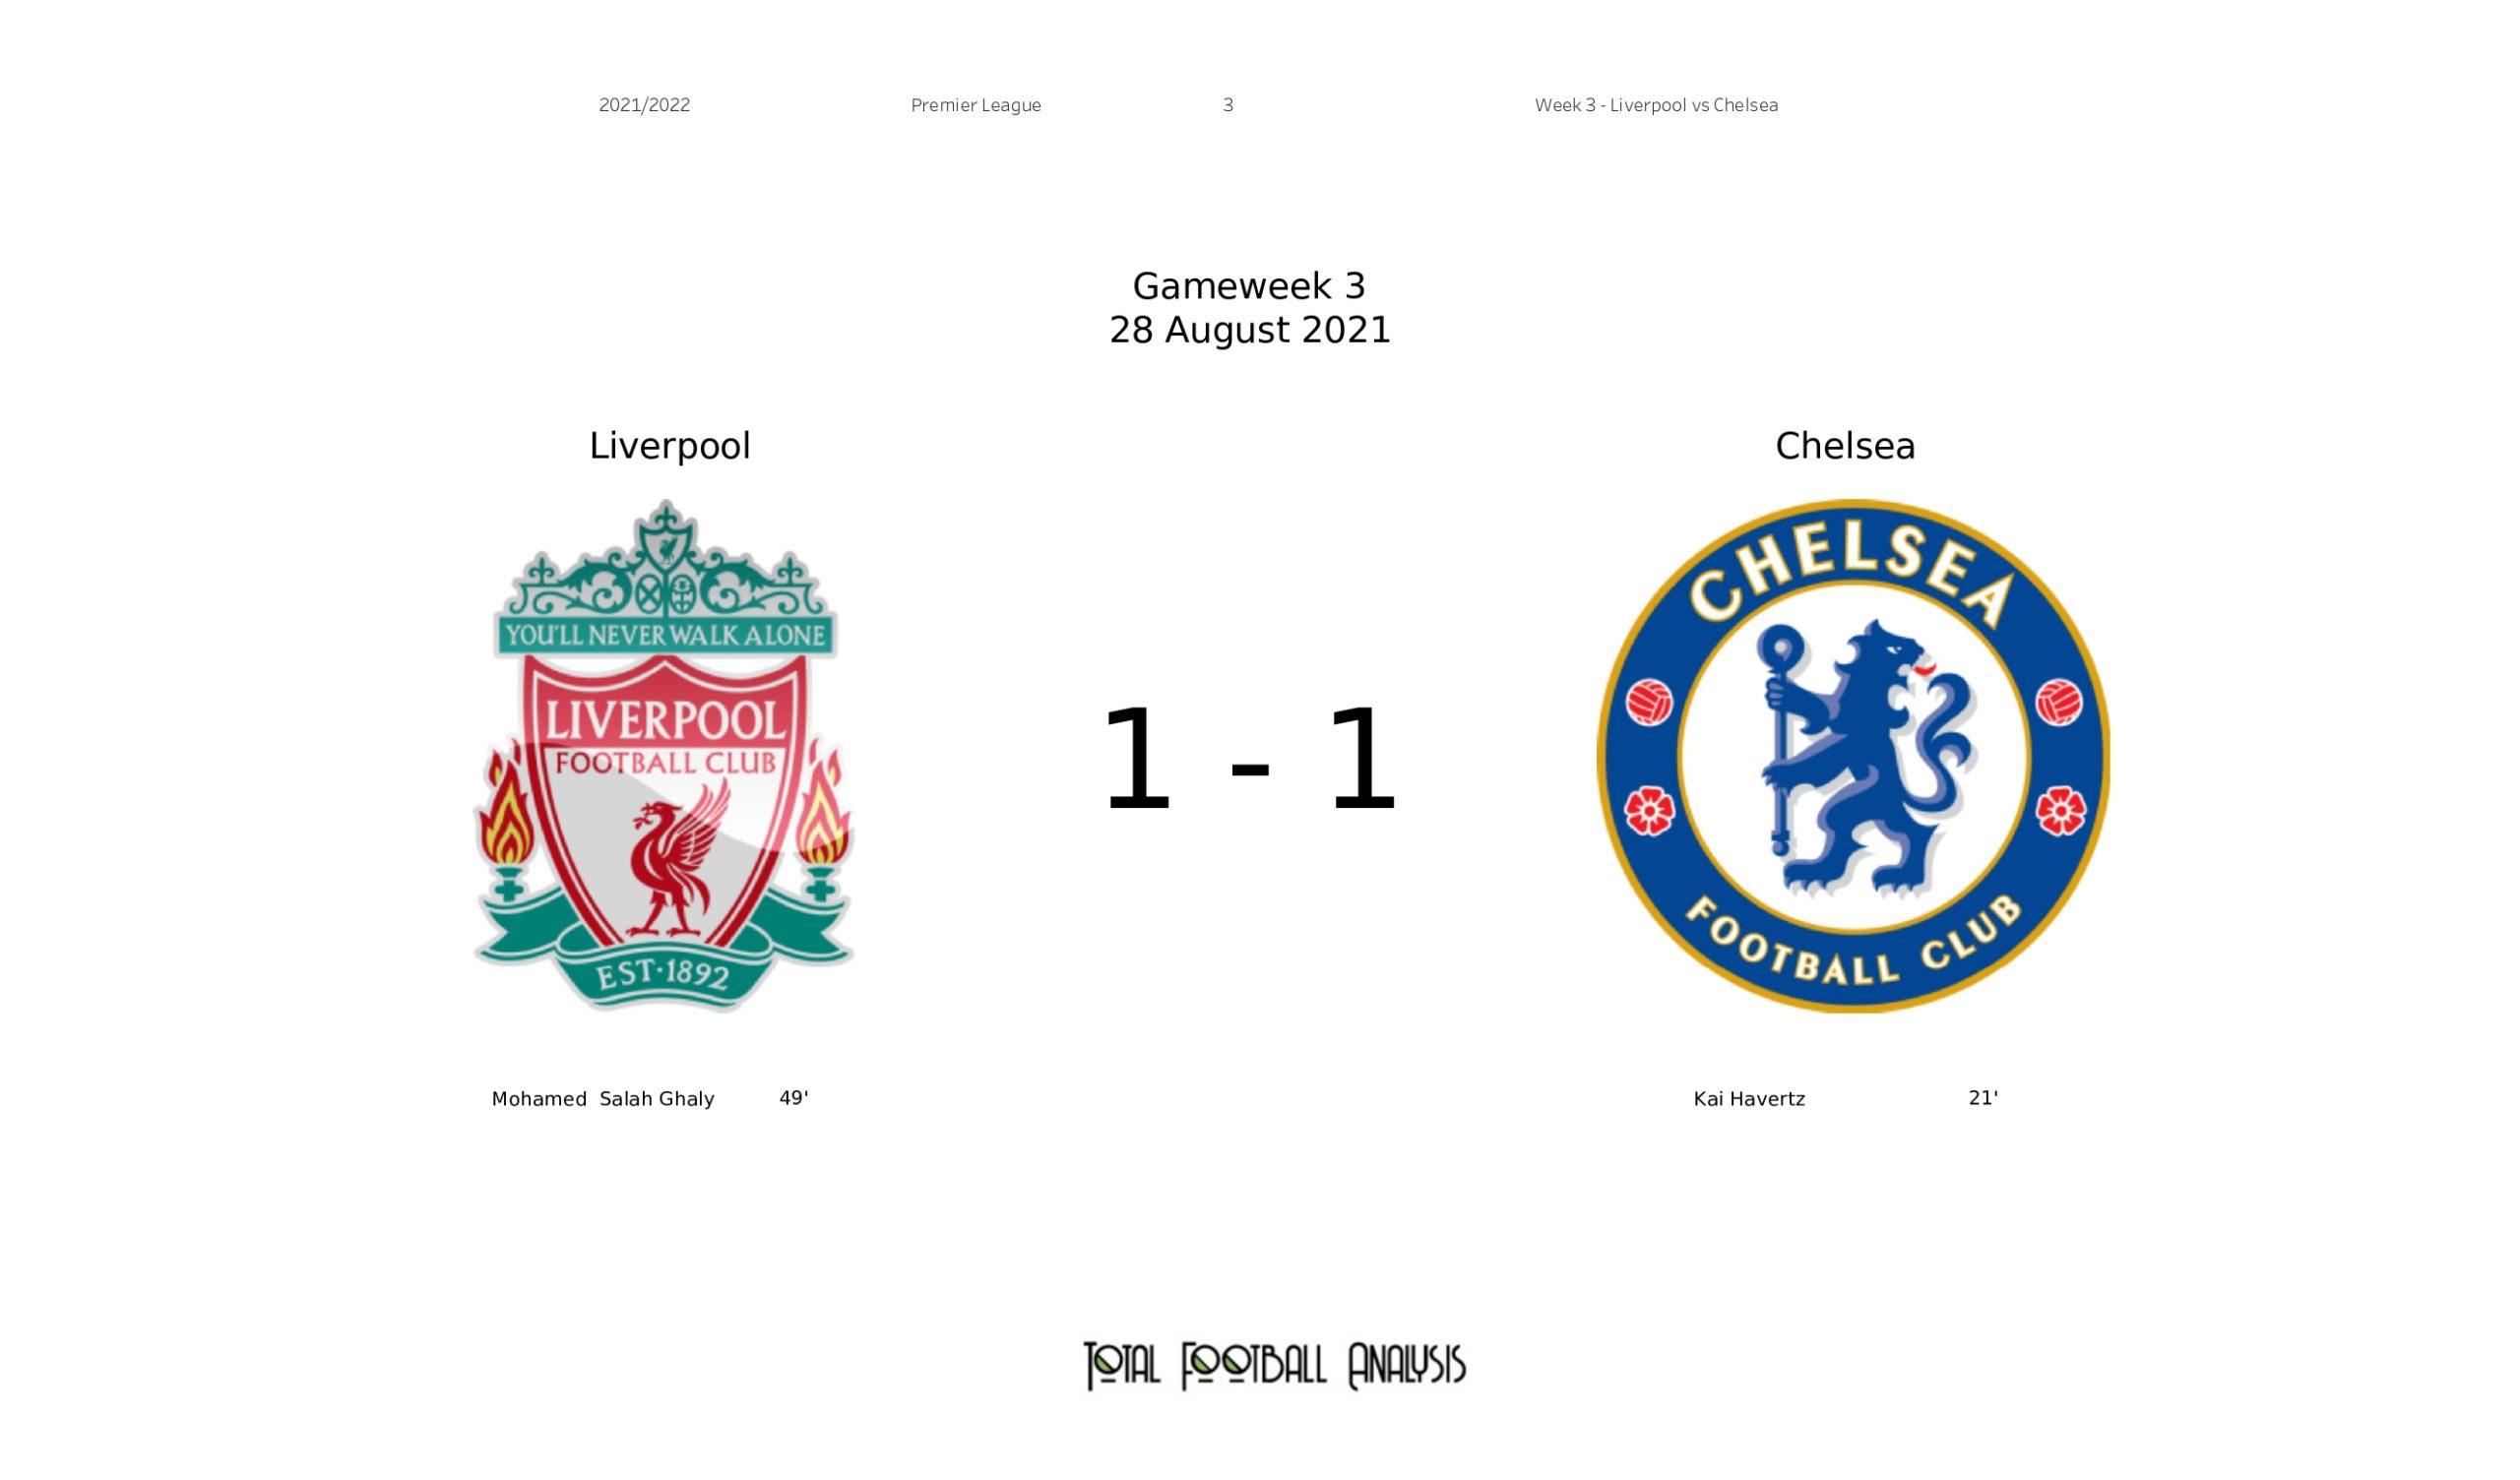 Premier League 2021/22: Liverpool vs Chelsea stats gallery